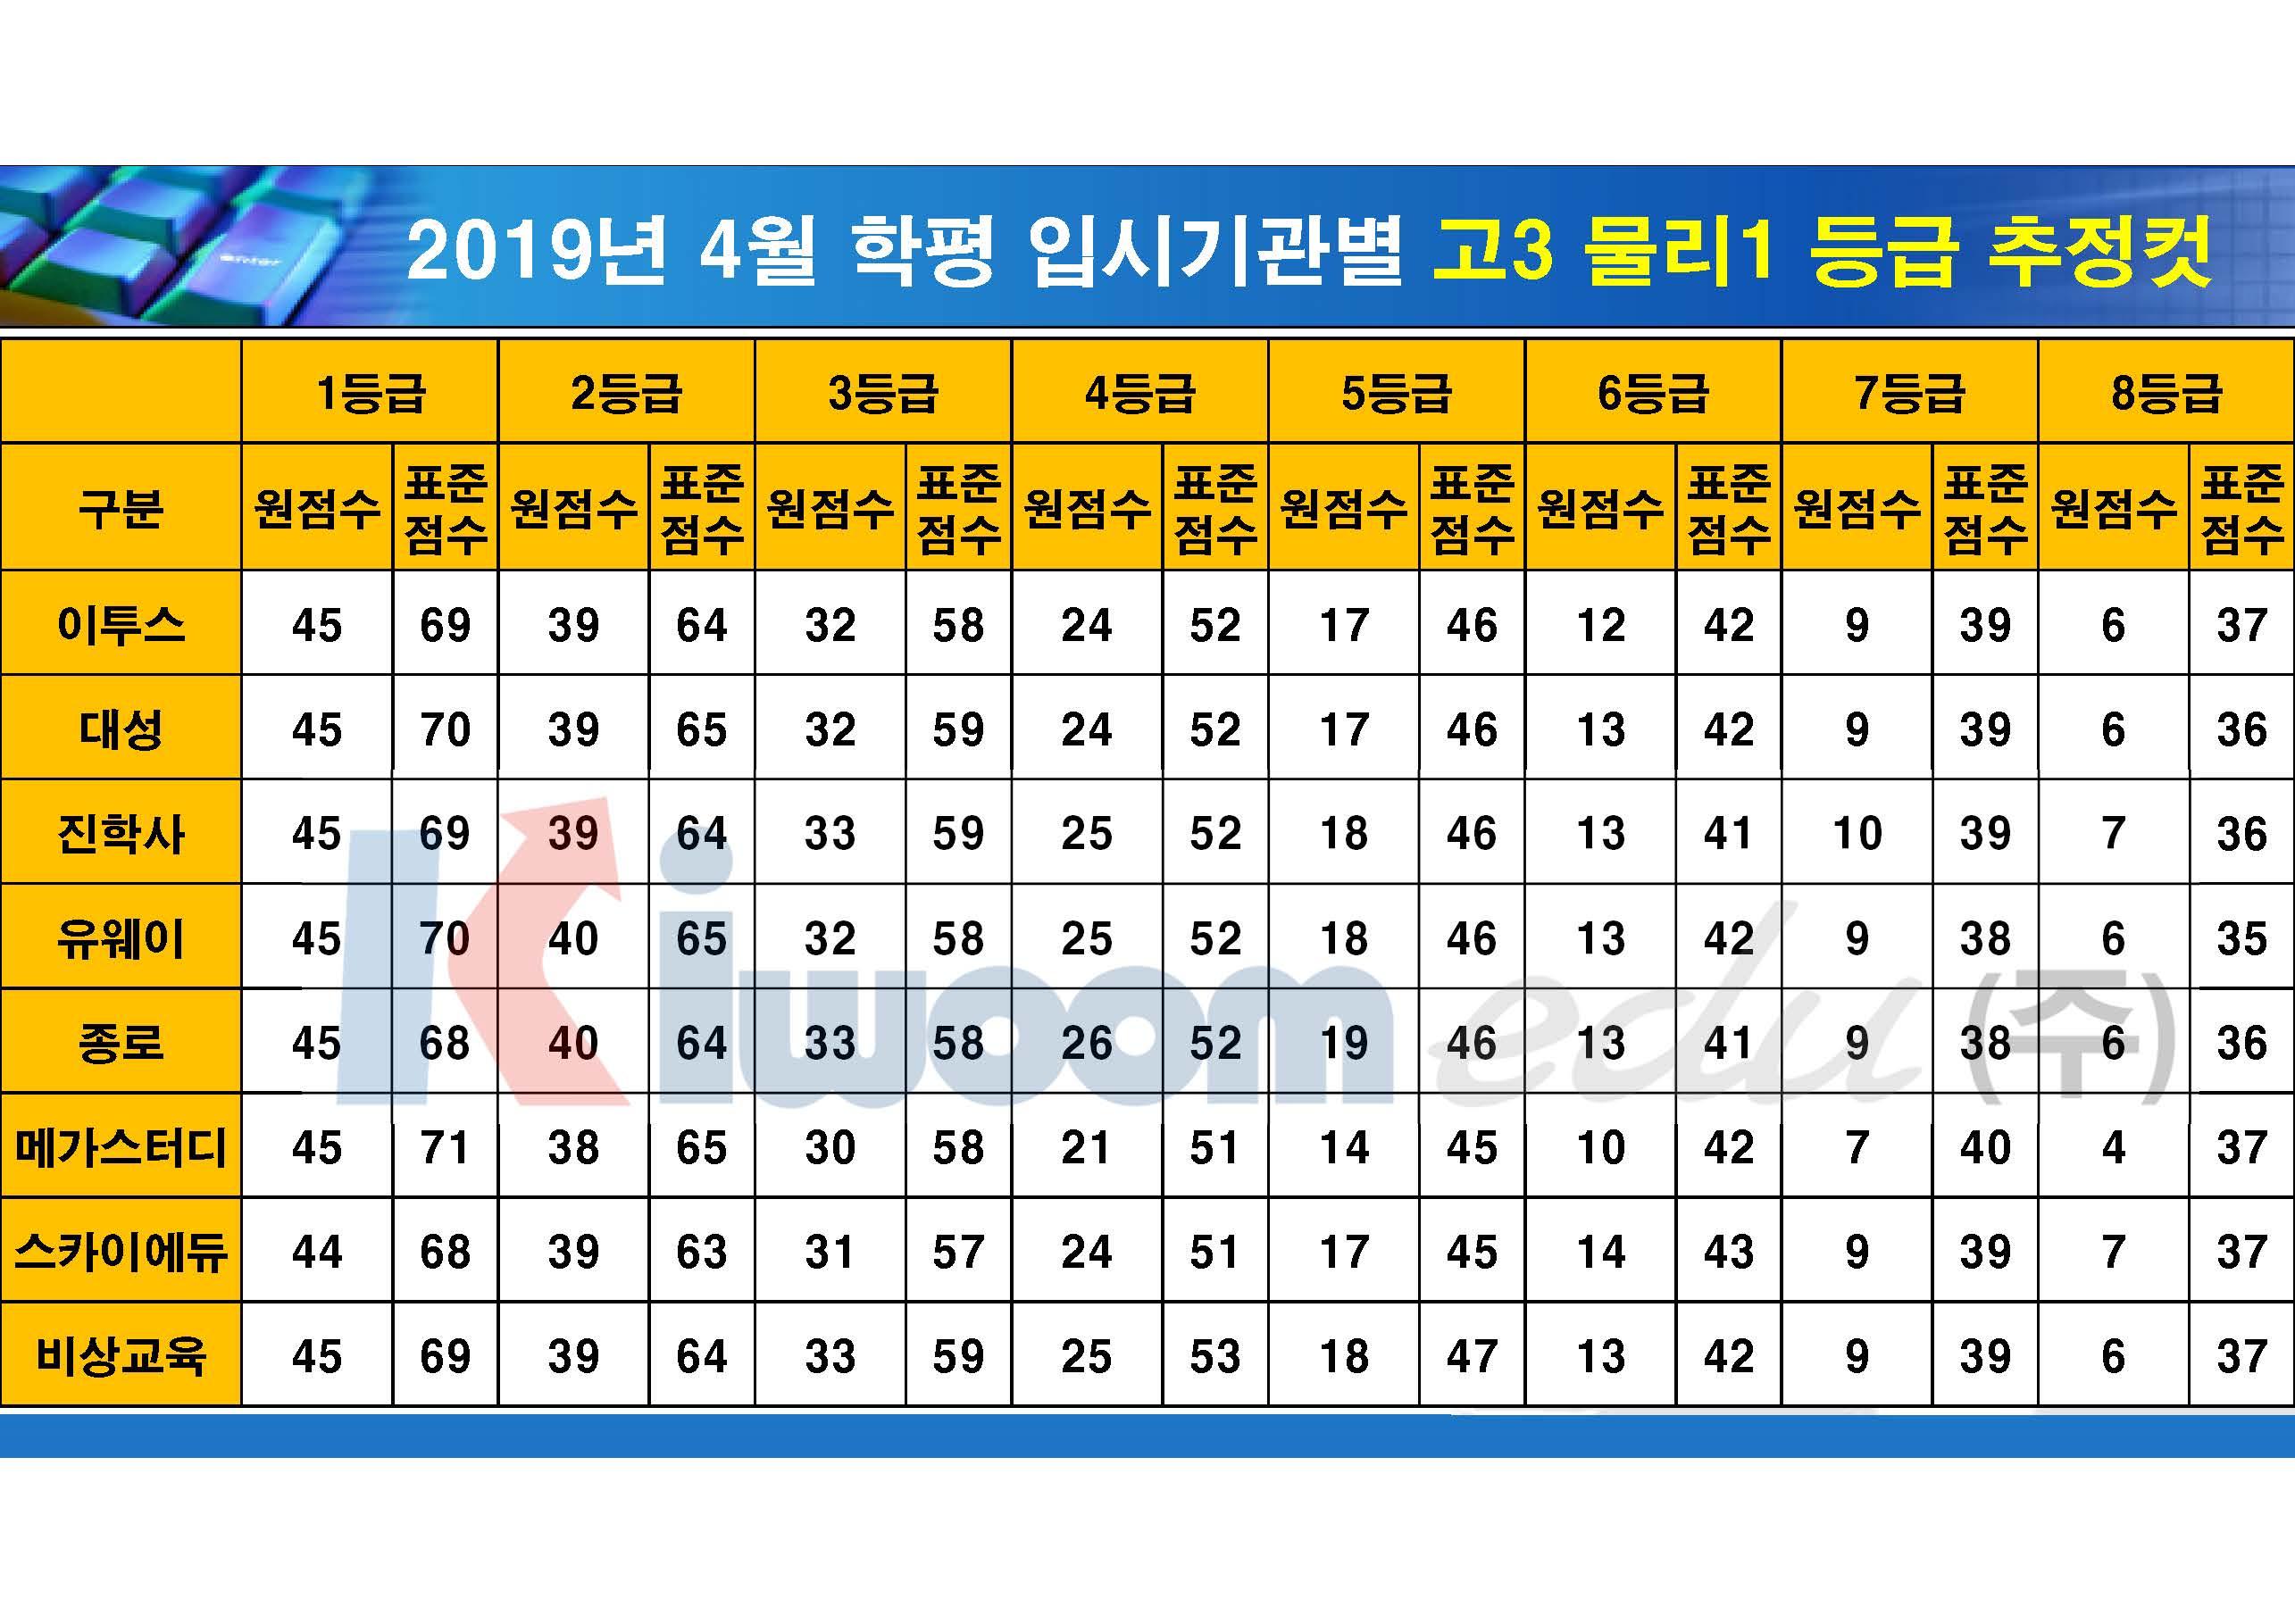 2019 4월 모의고사 입시기관별 등급컷(고3)_20190411_안지훈#2_Page_15.jpg